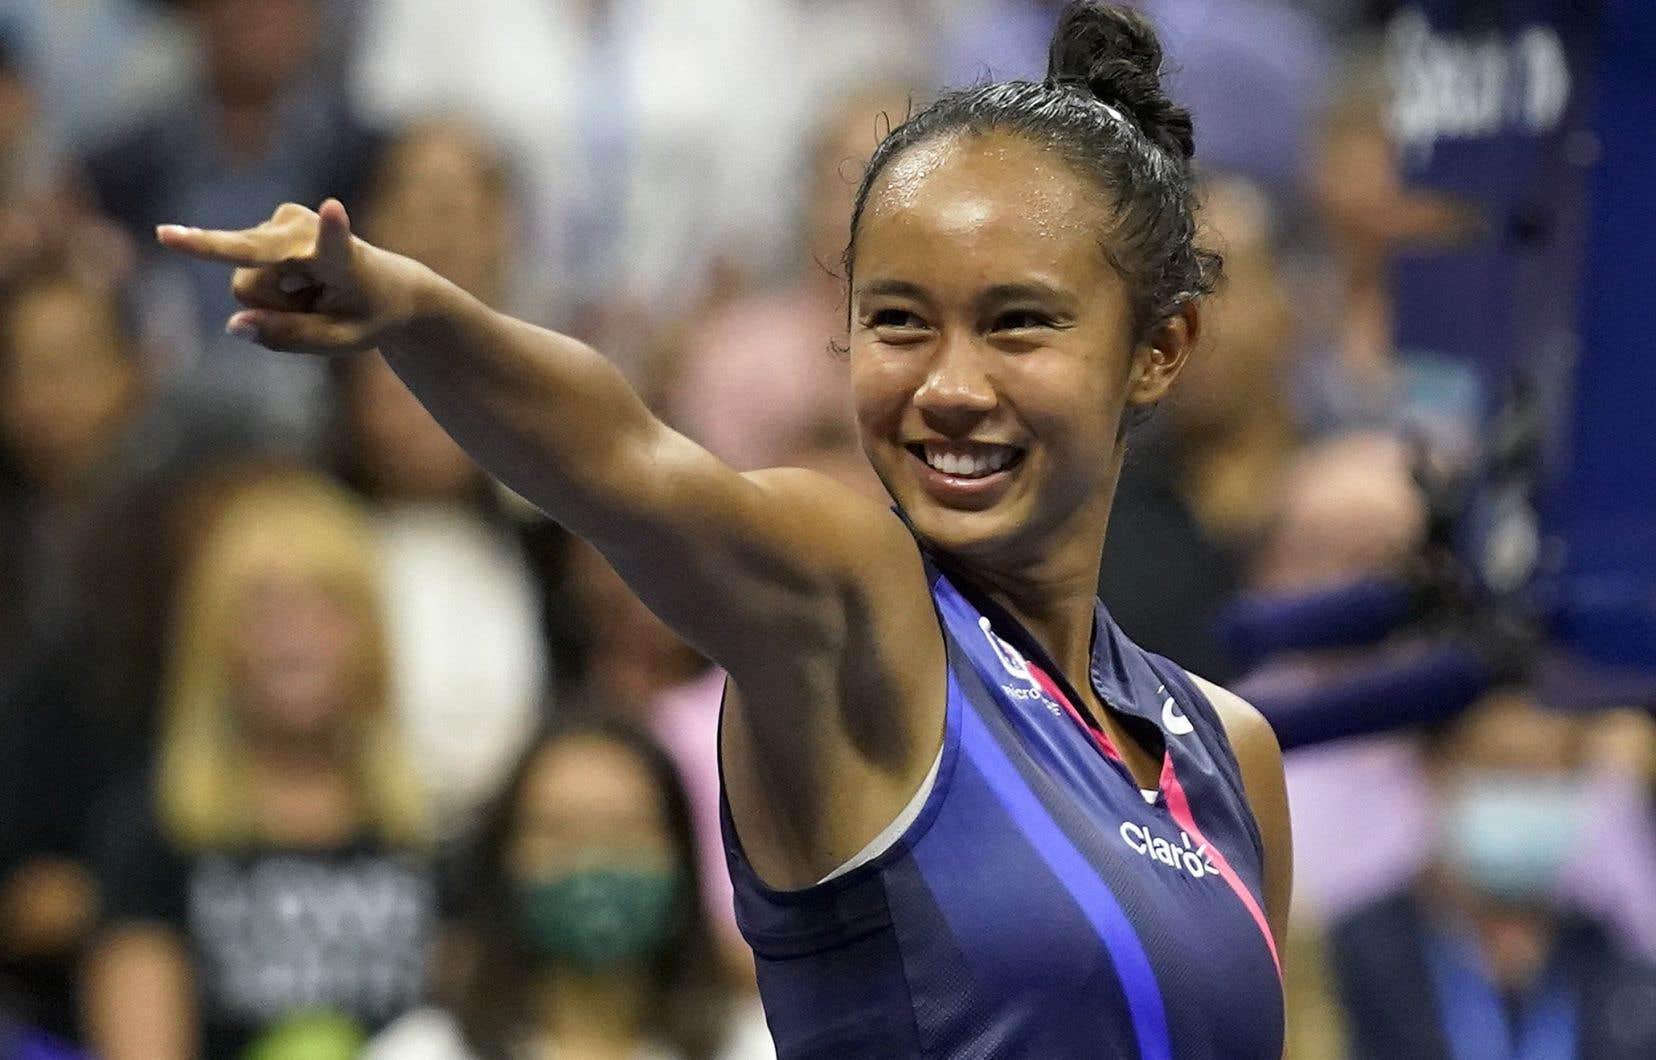 Leylah Fernandez était classée au 73e rang mondial au début du tournoi, mais a démontré un aplomb digne des joueuses les plus expérimentées du circuit féminin.